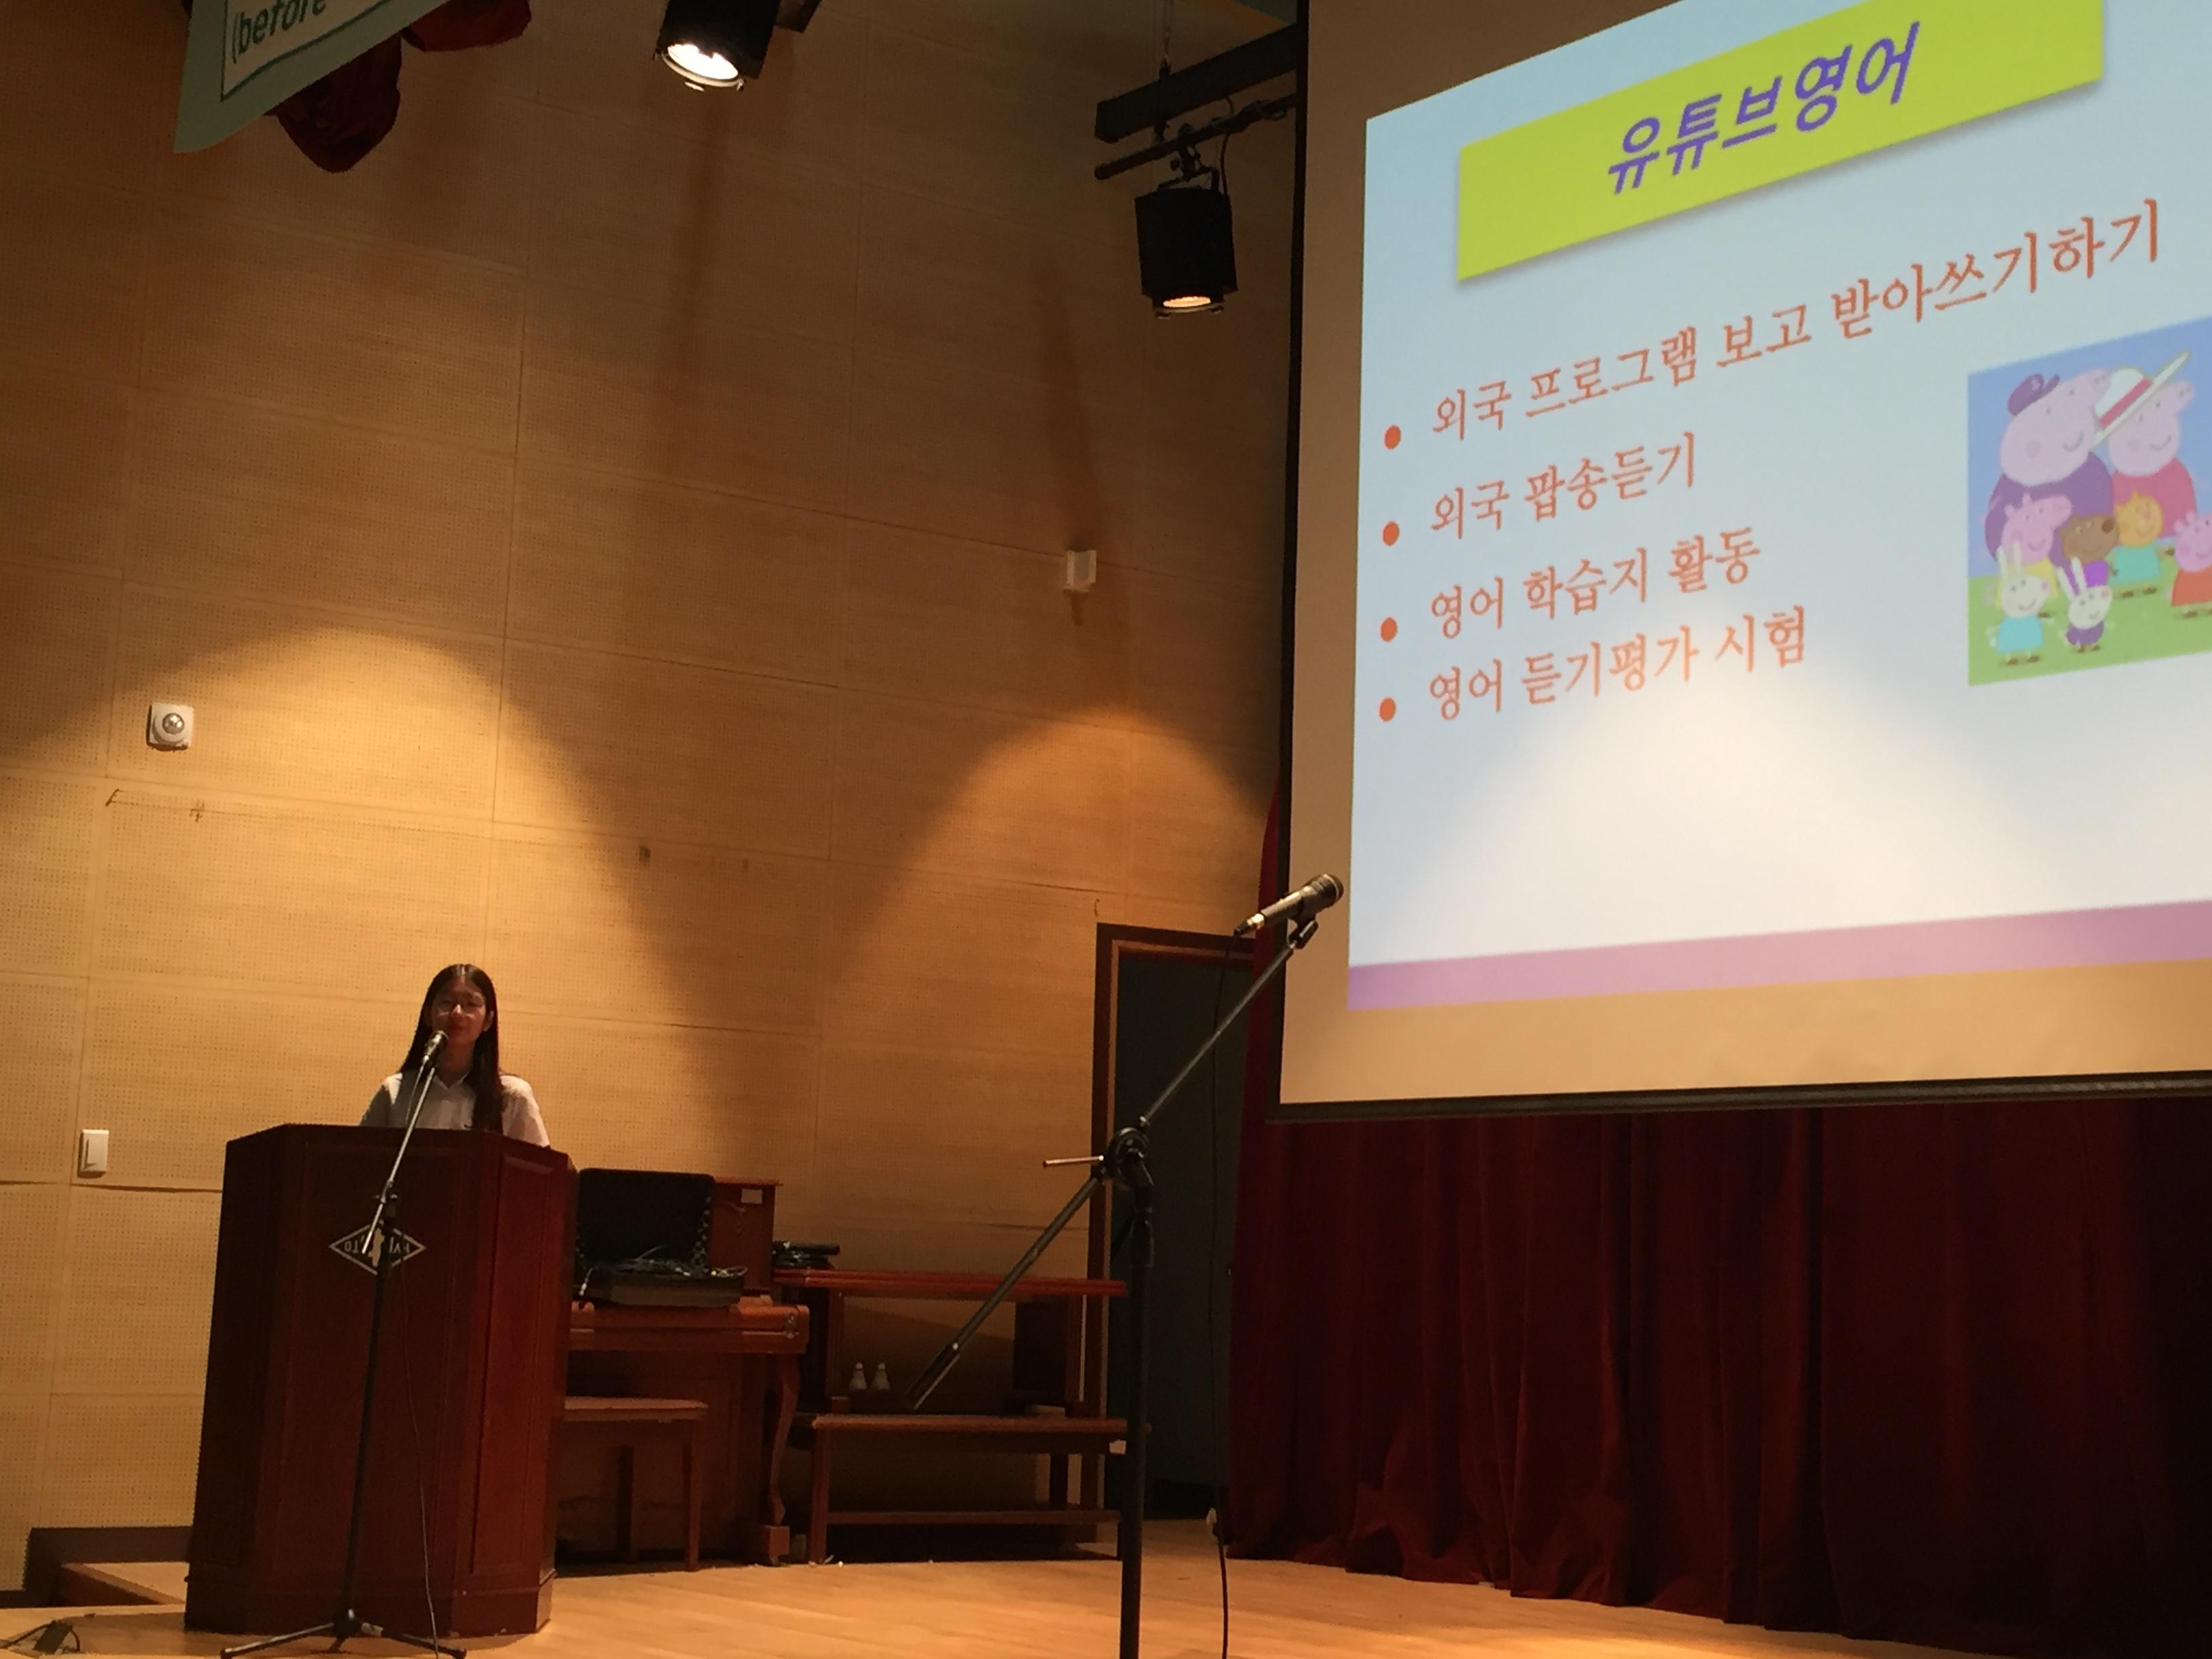 [일반] 1학년 자유학년 상반기 결산 1학기 성장발표대회 운영의 첨부이미지 6